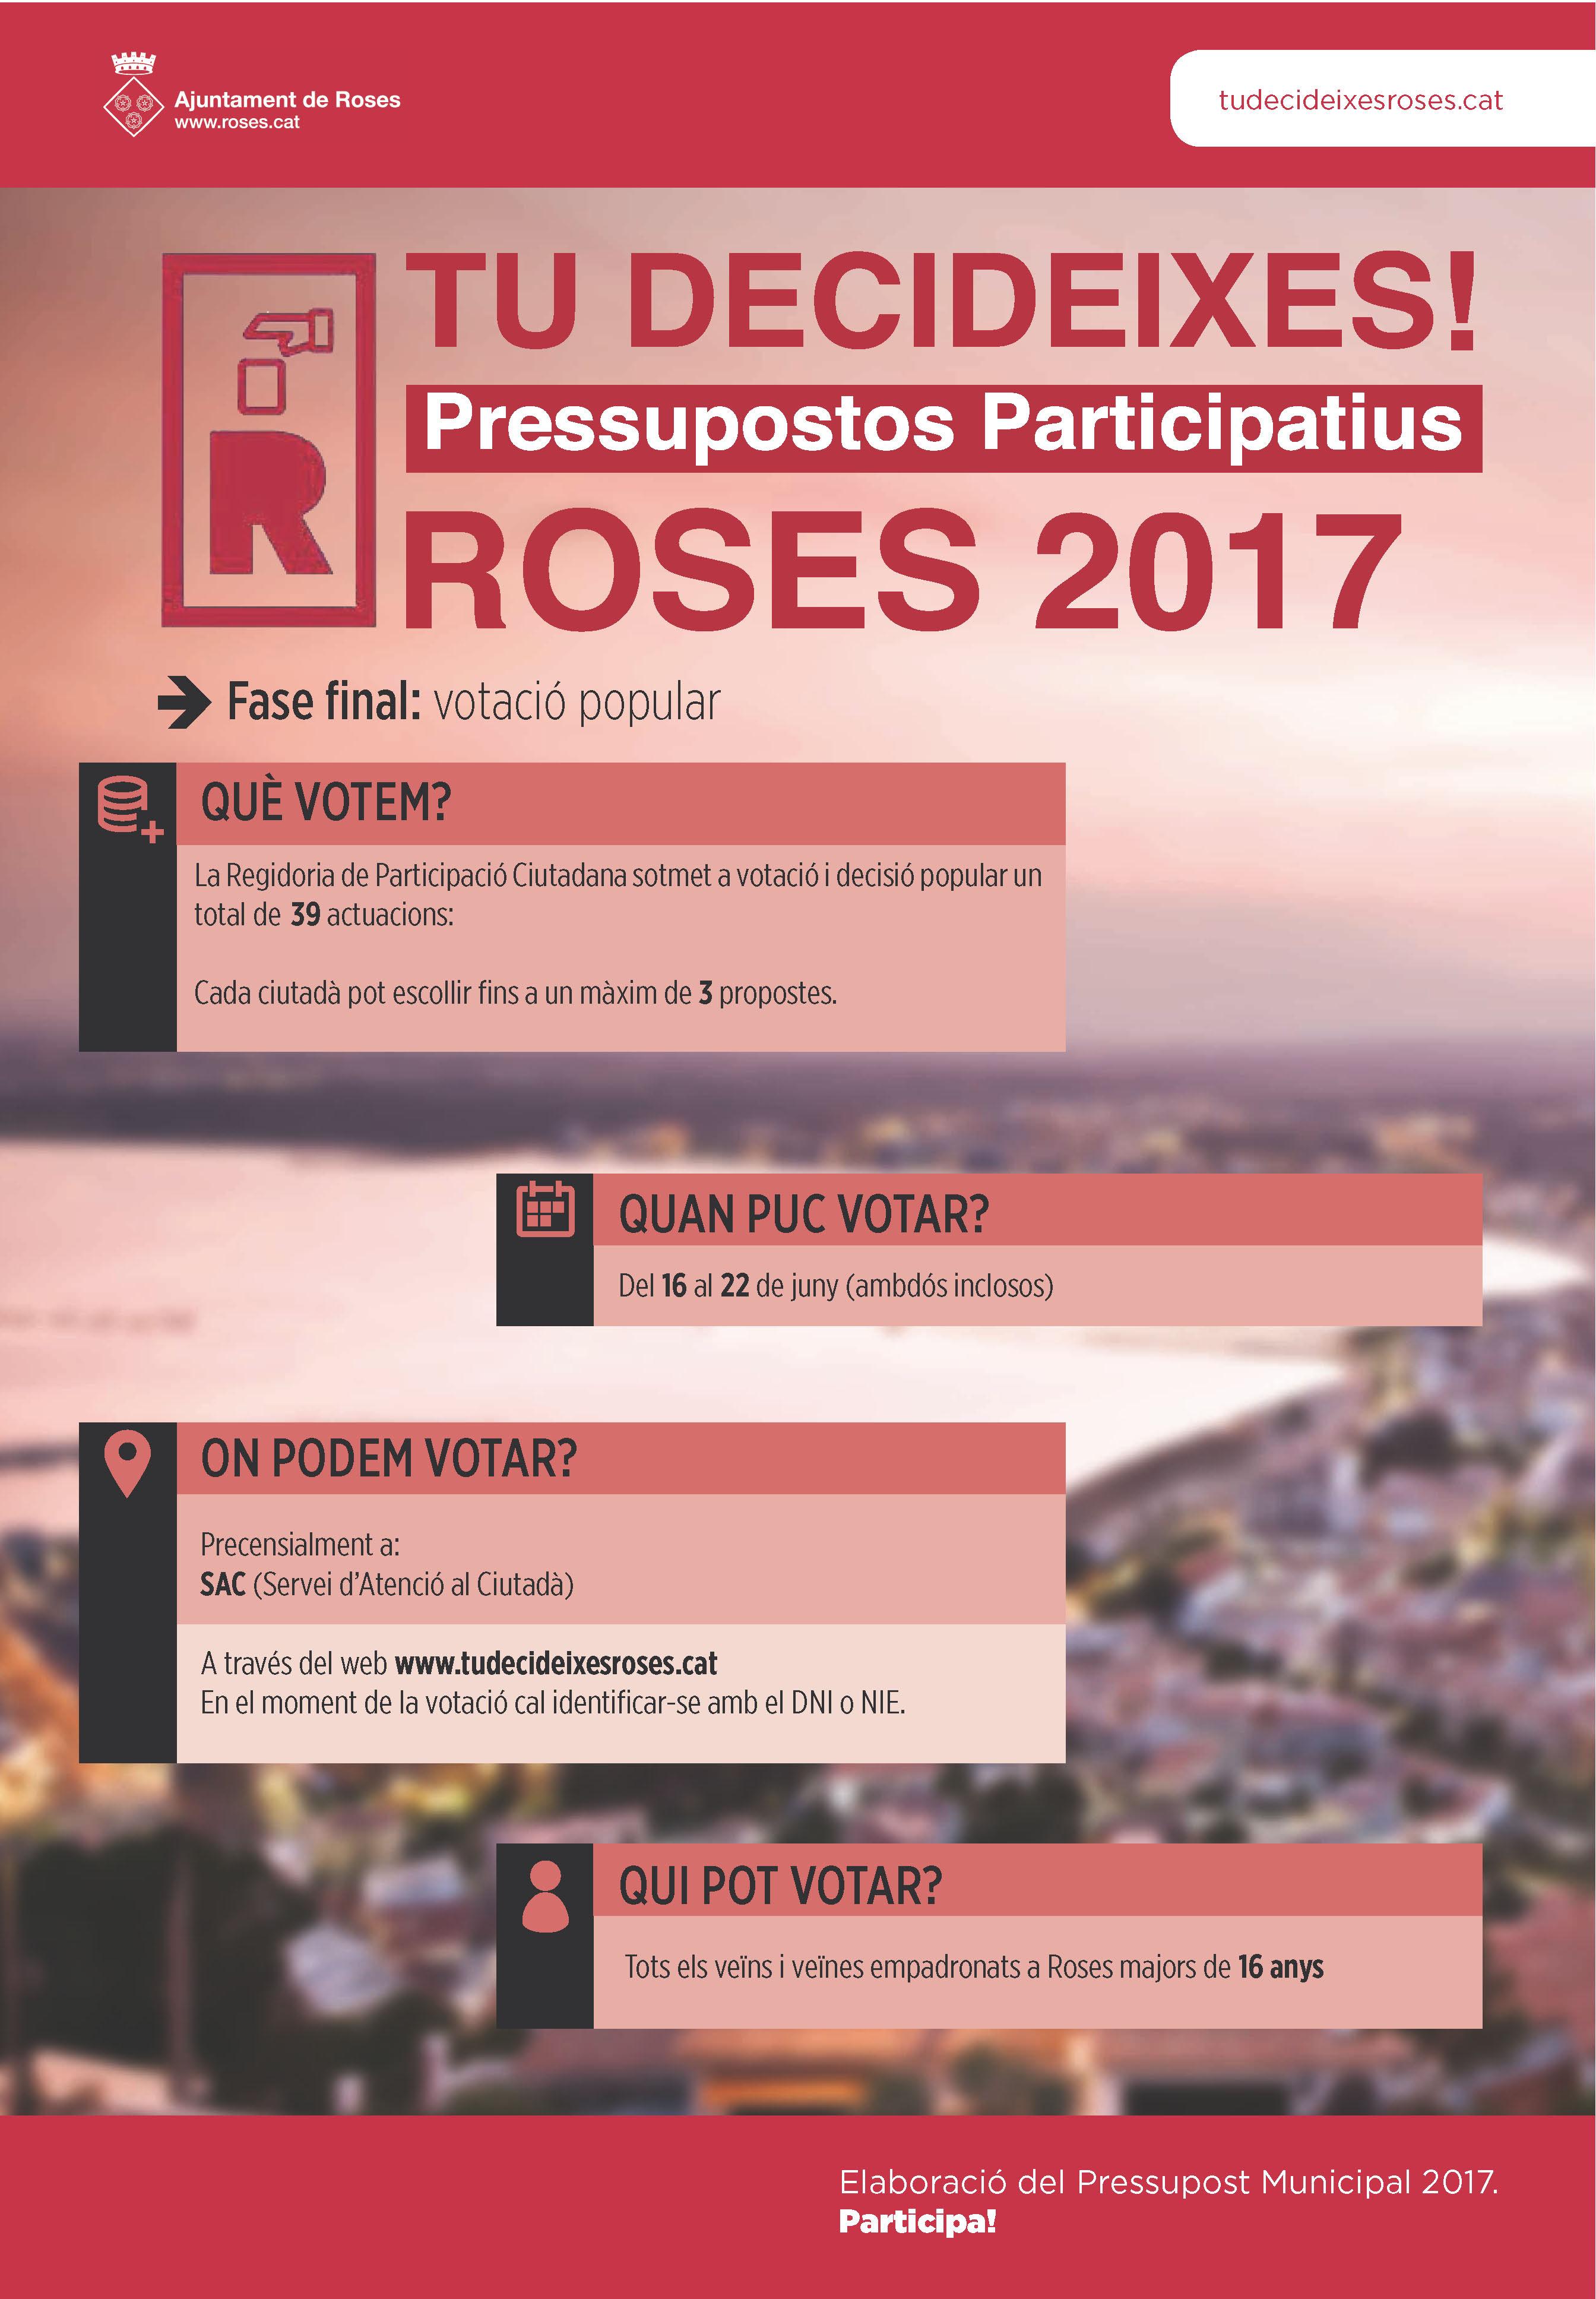 Obertes les votacions dels pressupostos participatius de Roses, fins al 22 de juny